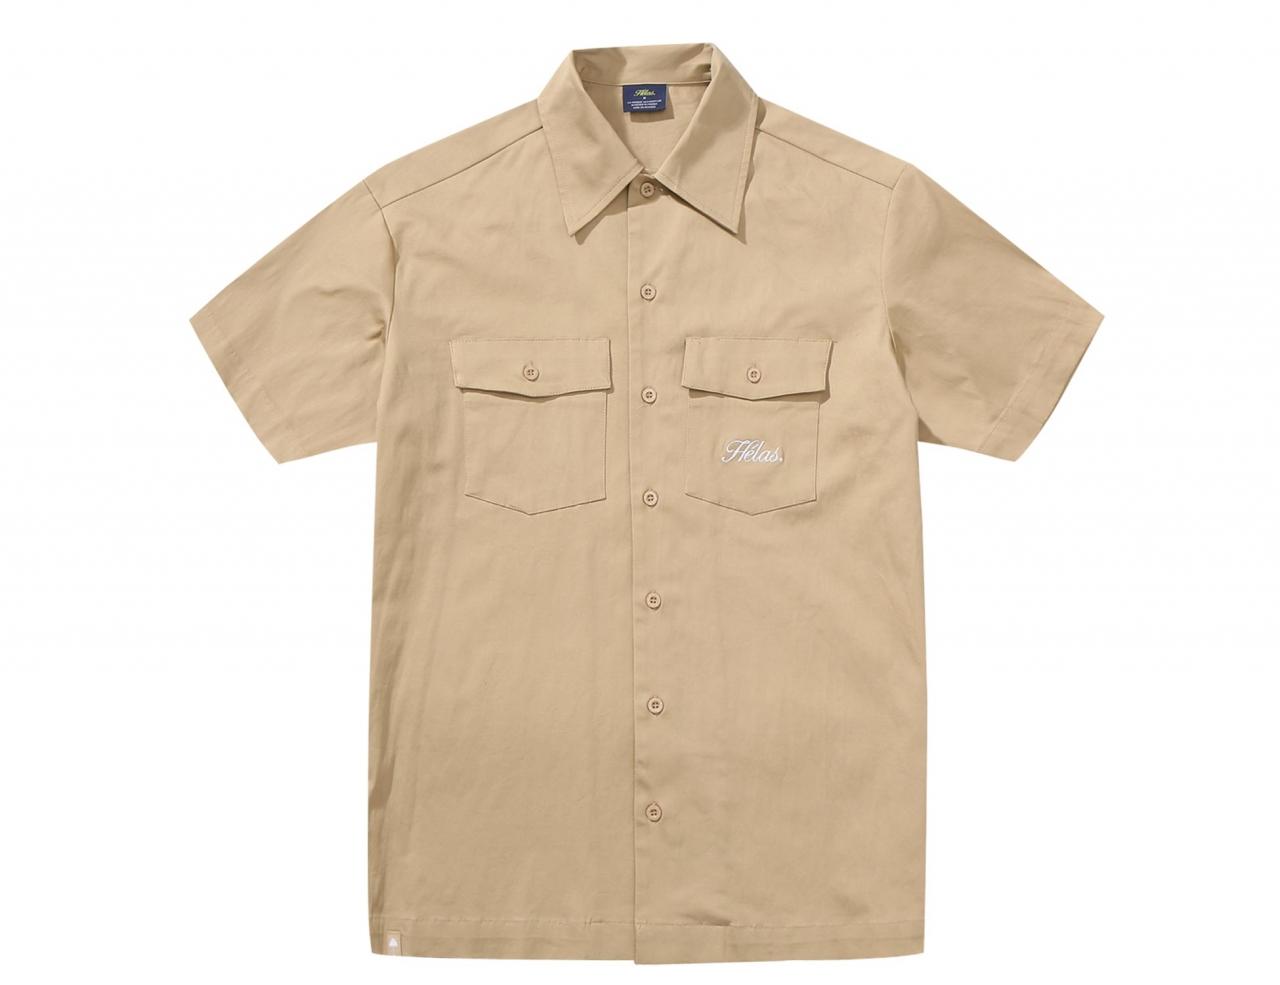 Helas Caps Low Ride Shirt - Beige